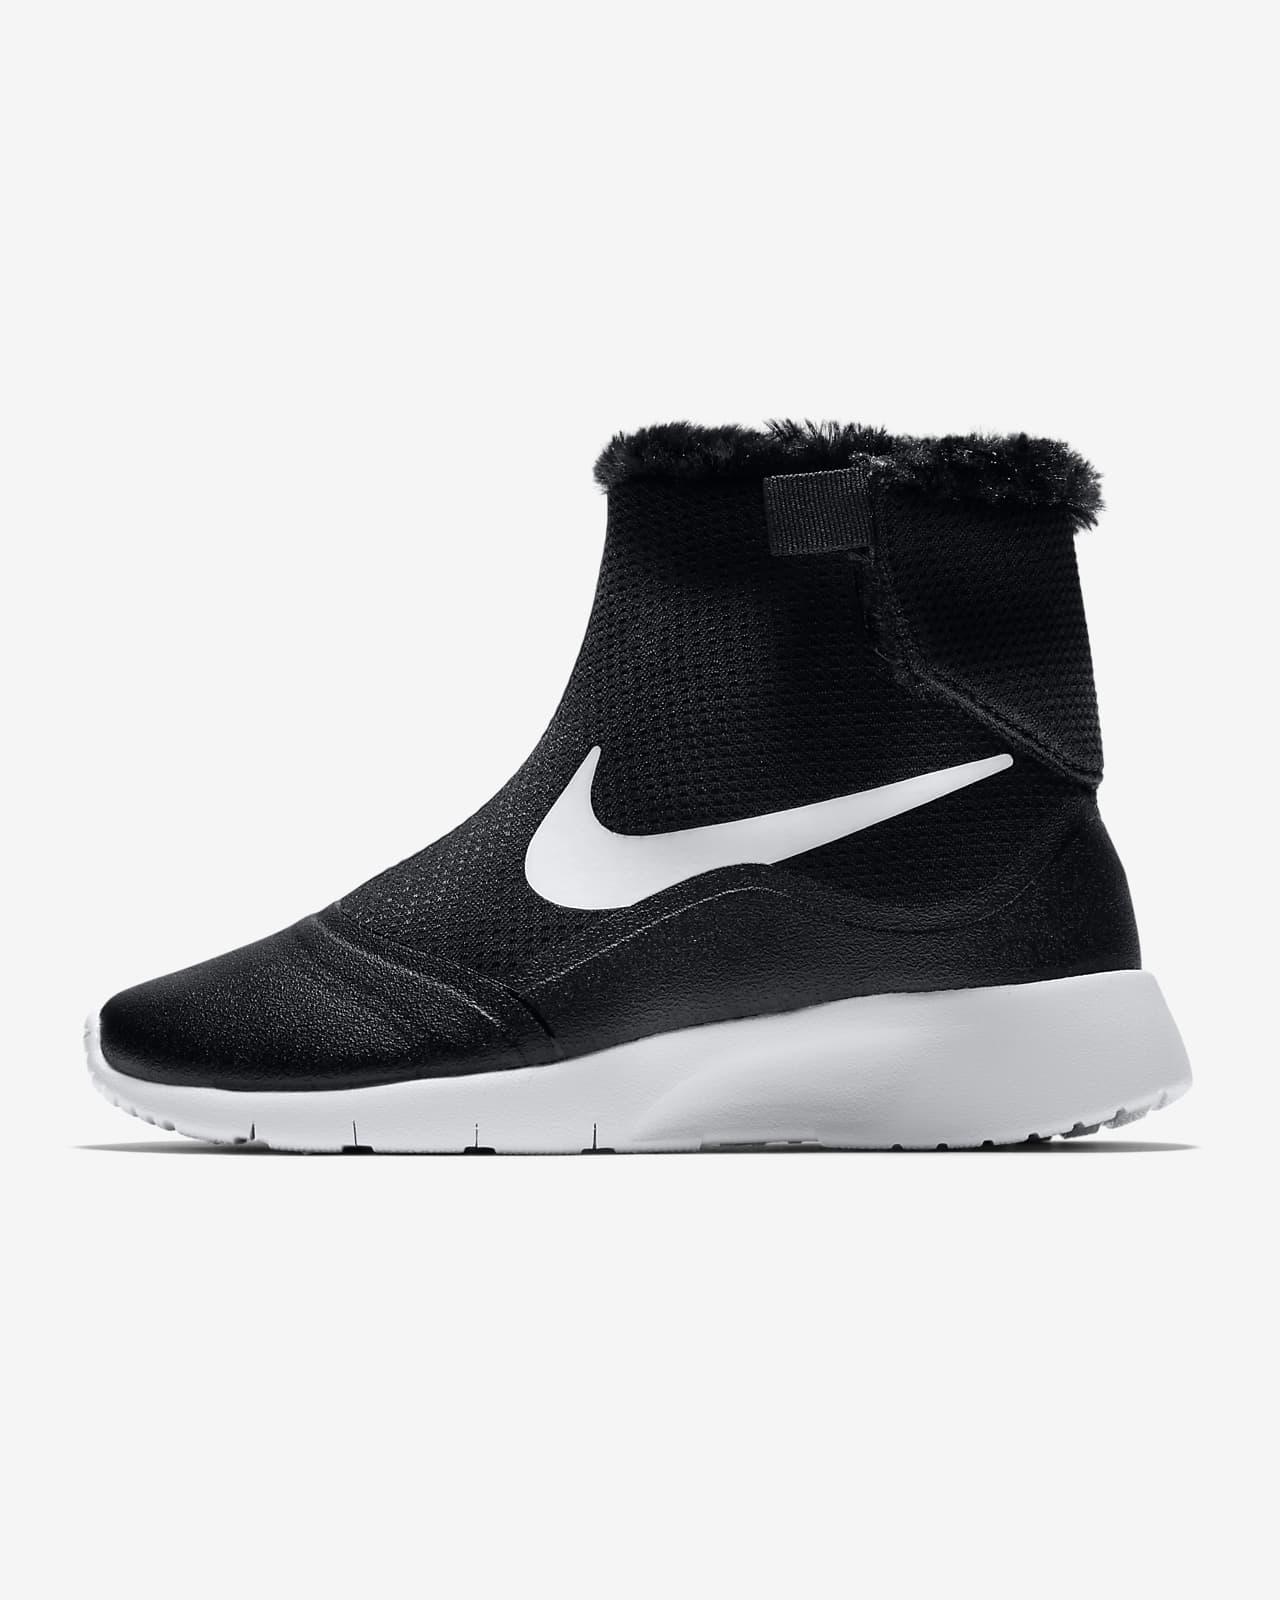 Nike Tanjun HI (PSV) 幼童运动童鞋